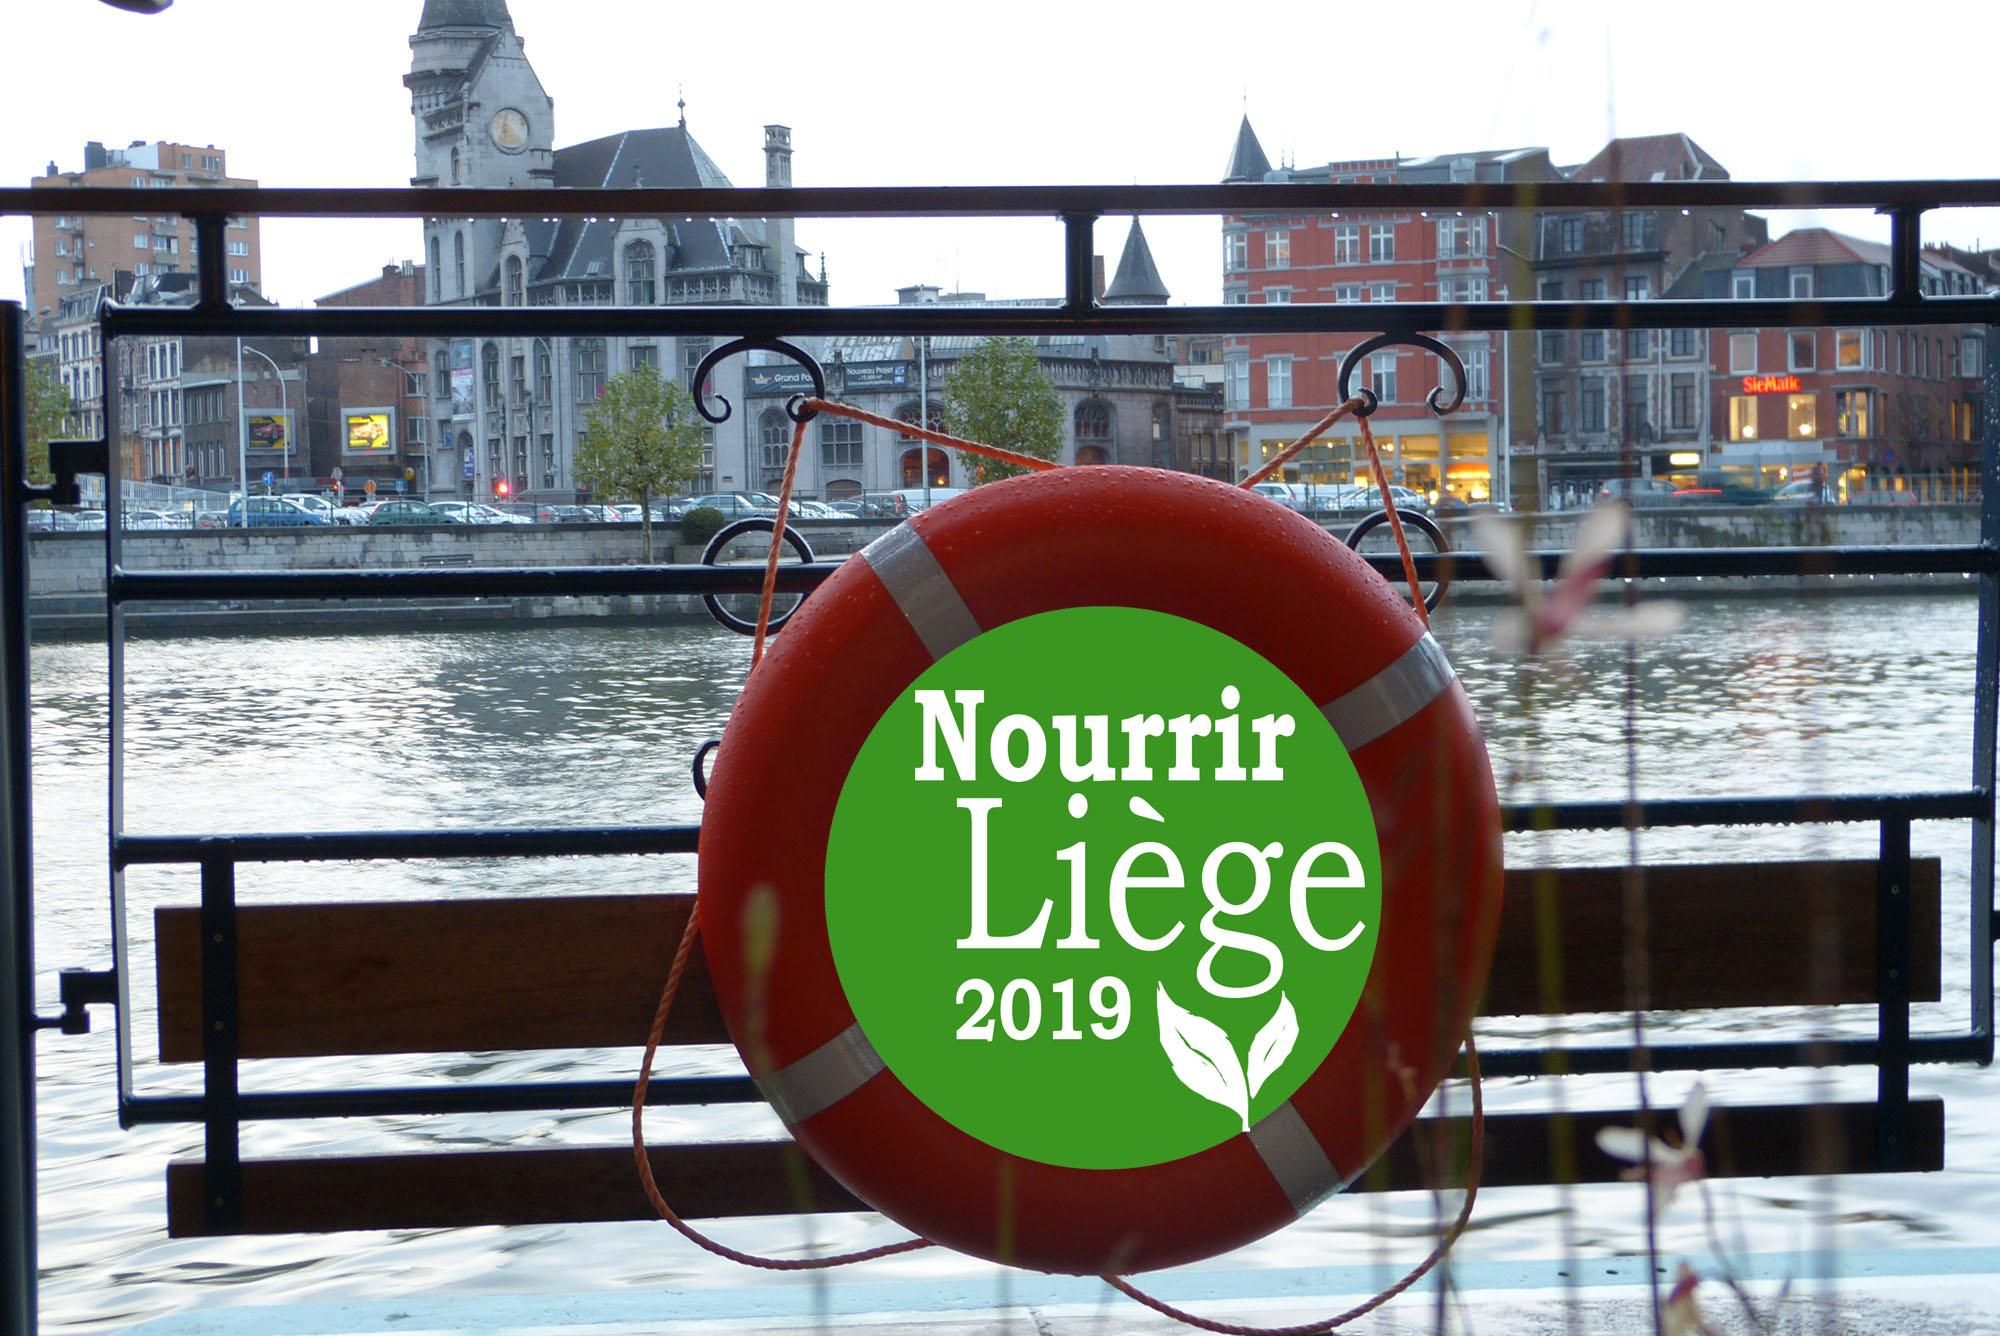 Festival Nourrir Liège 2019